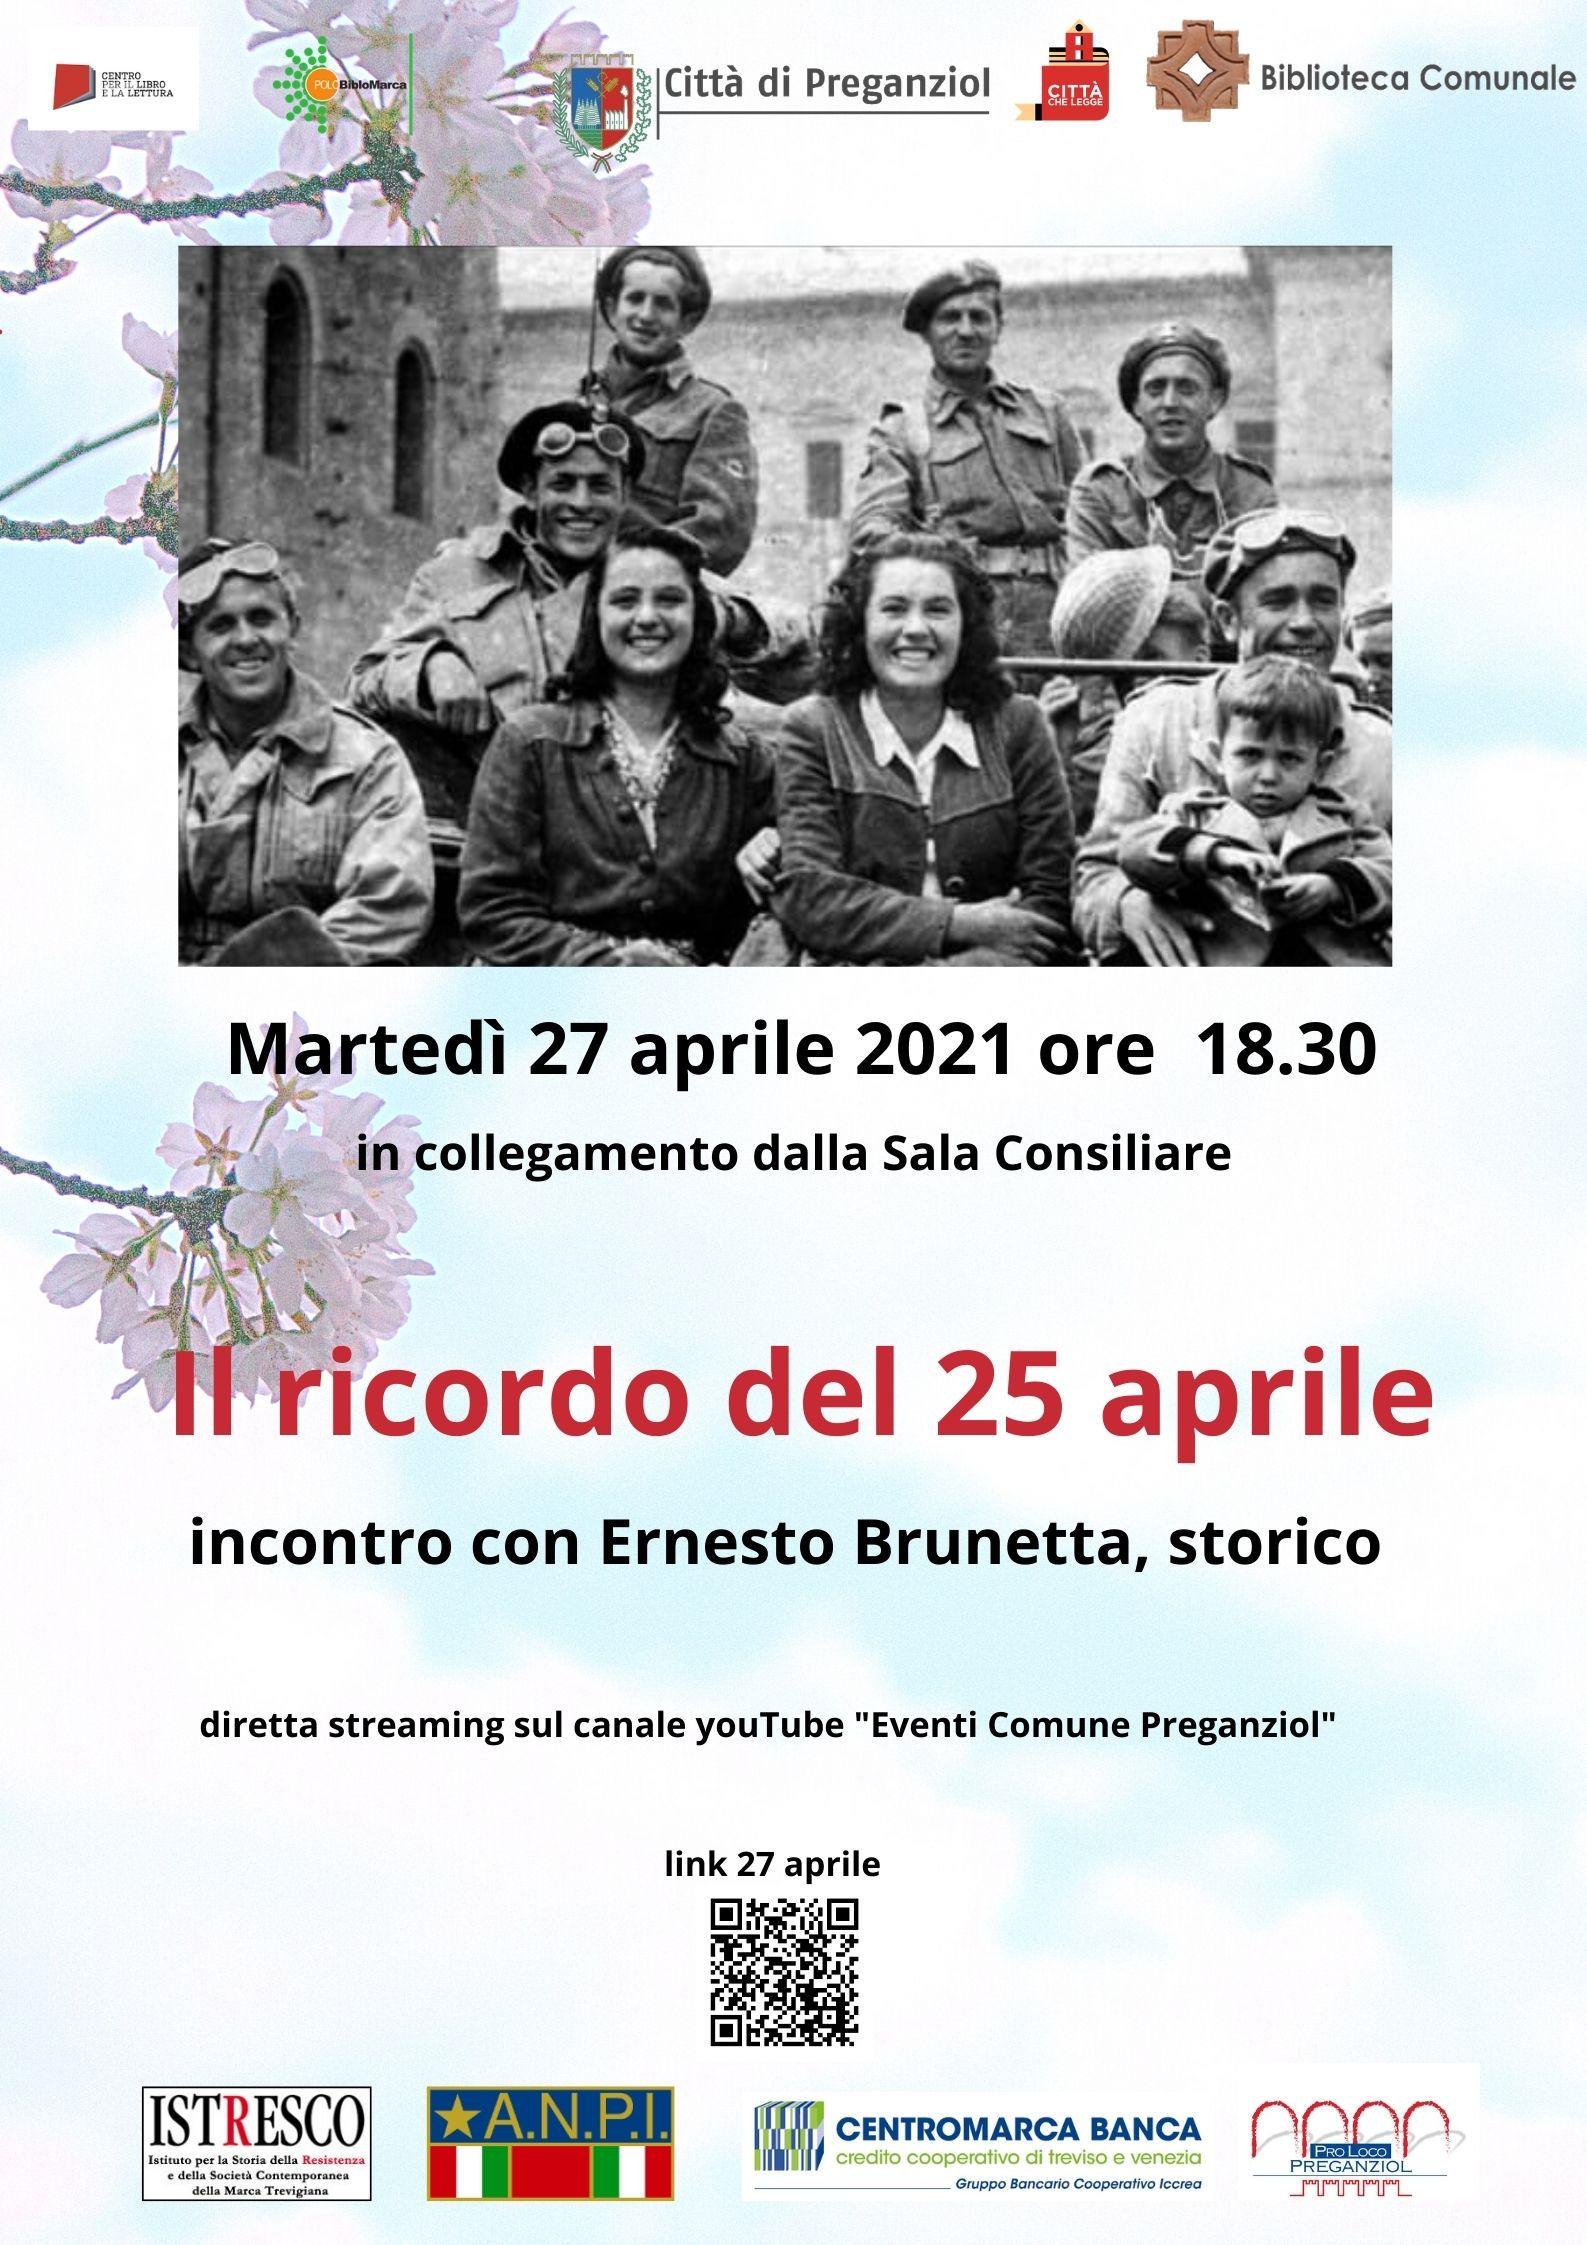 Il ricordo del 25 aprile – incontro con Ernesto Brunetta